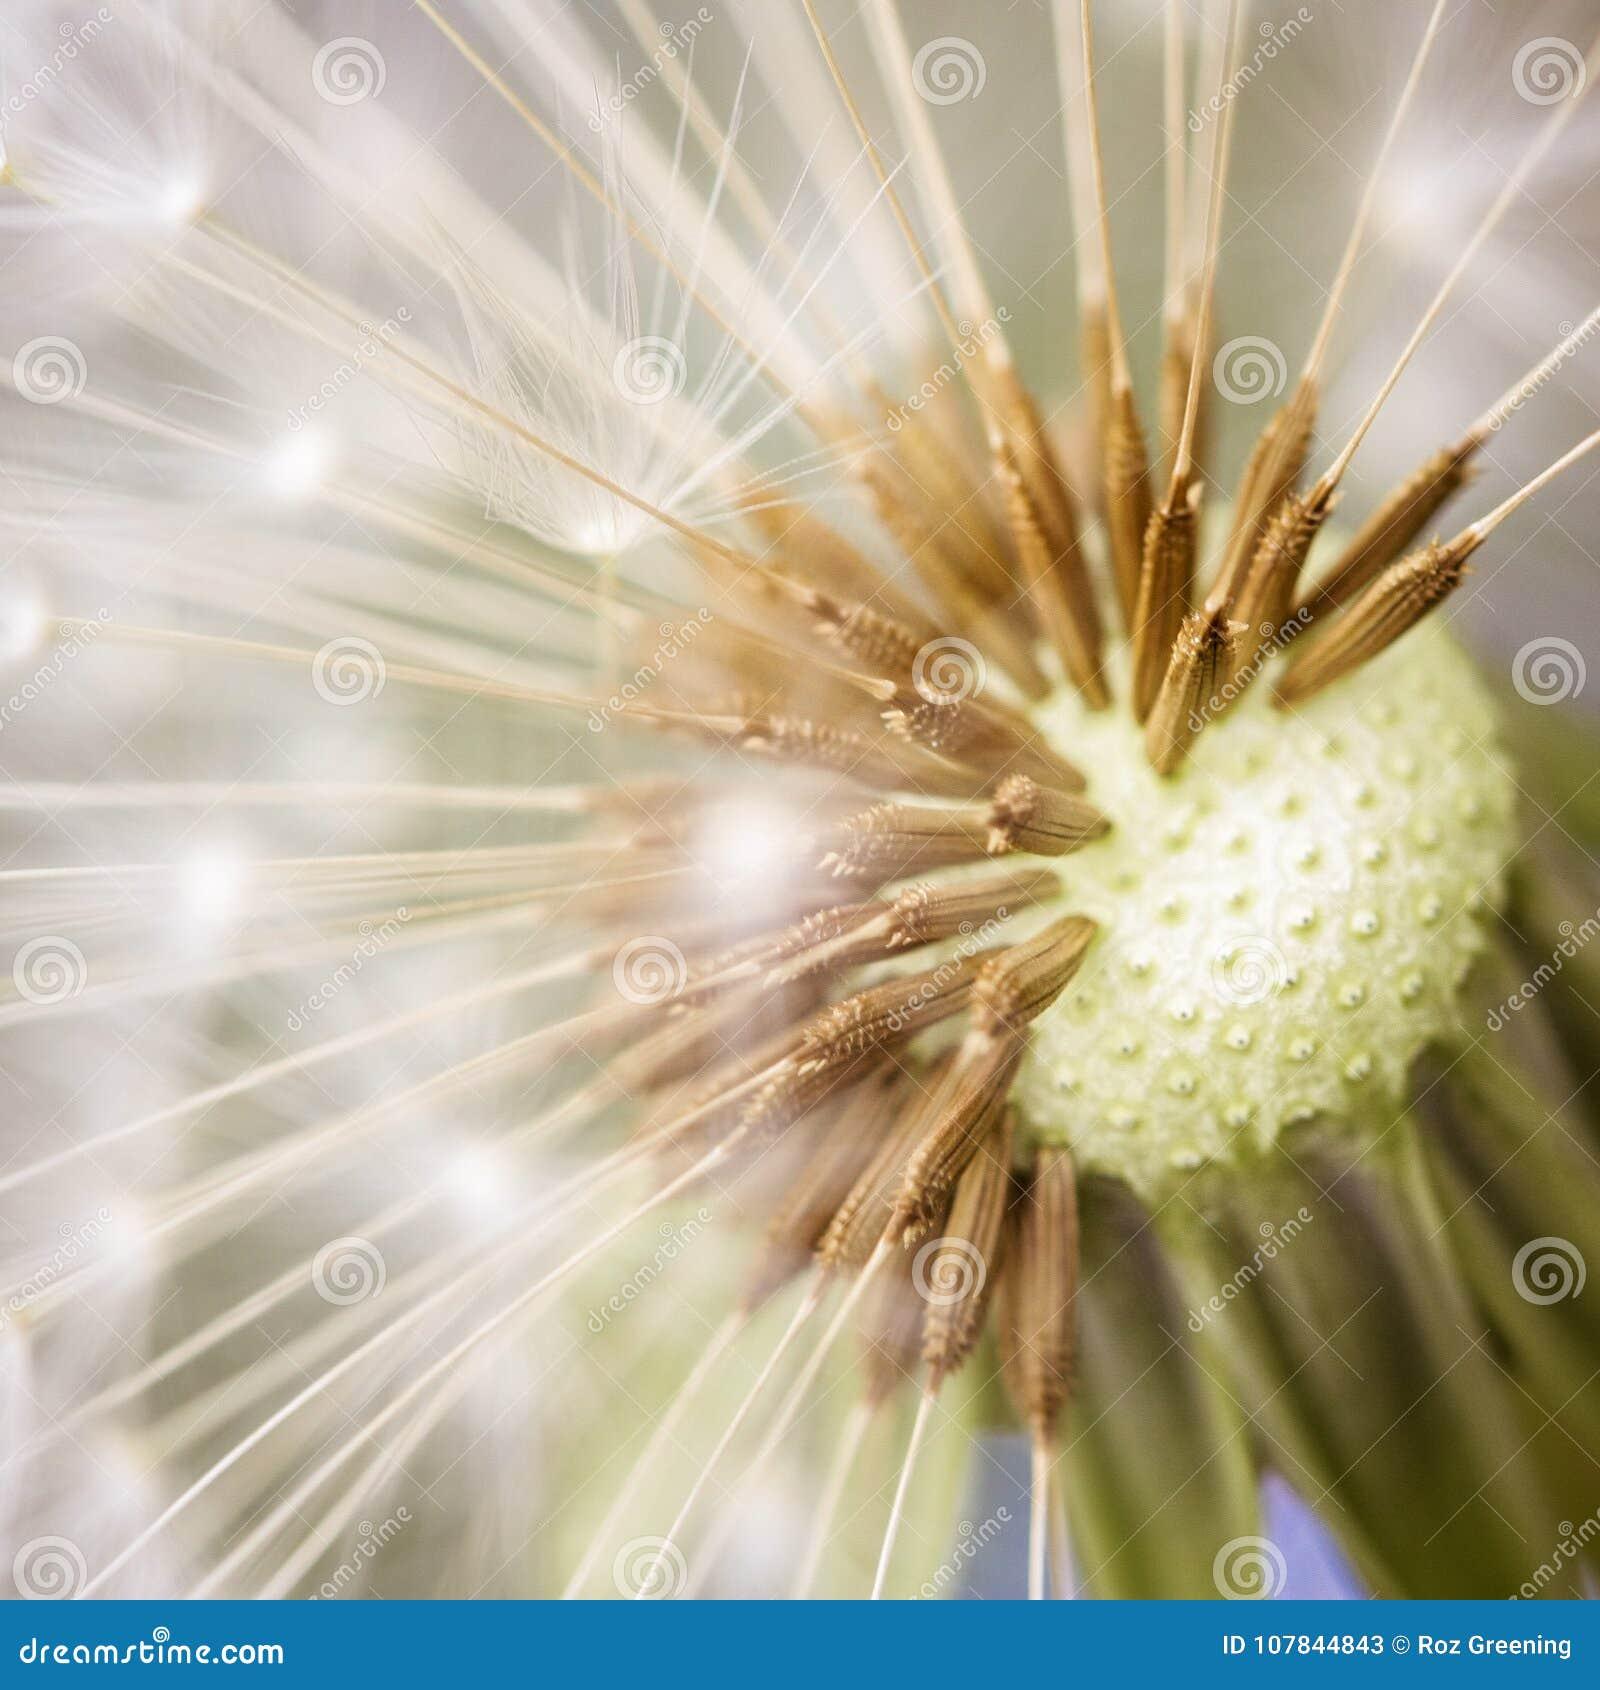 Dandelion seeds incredible detail